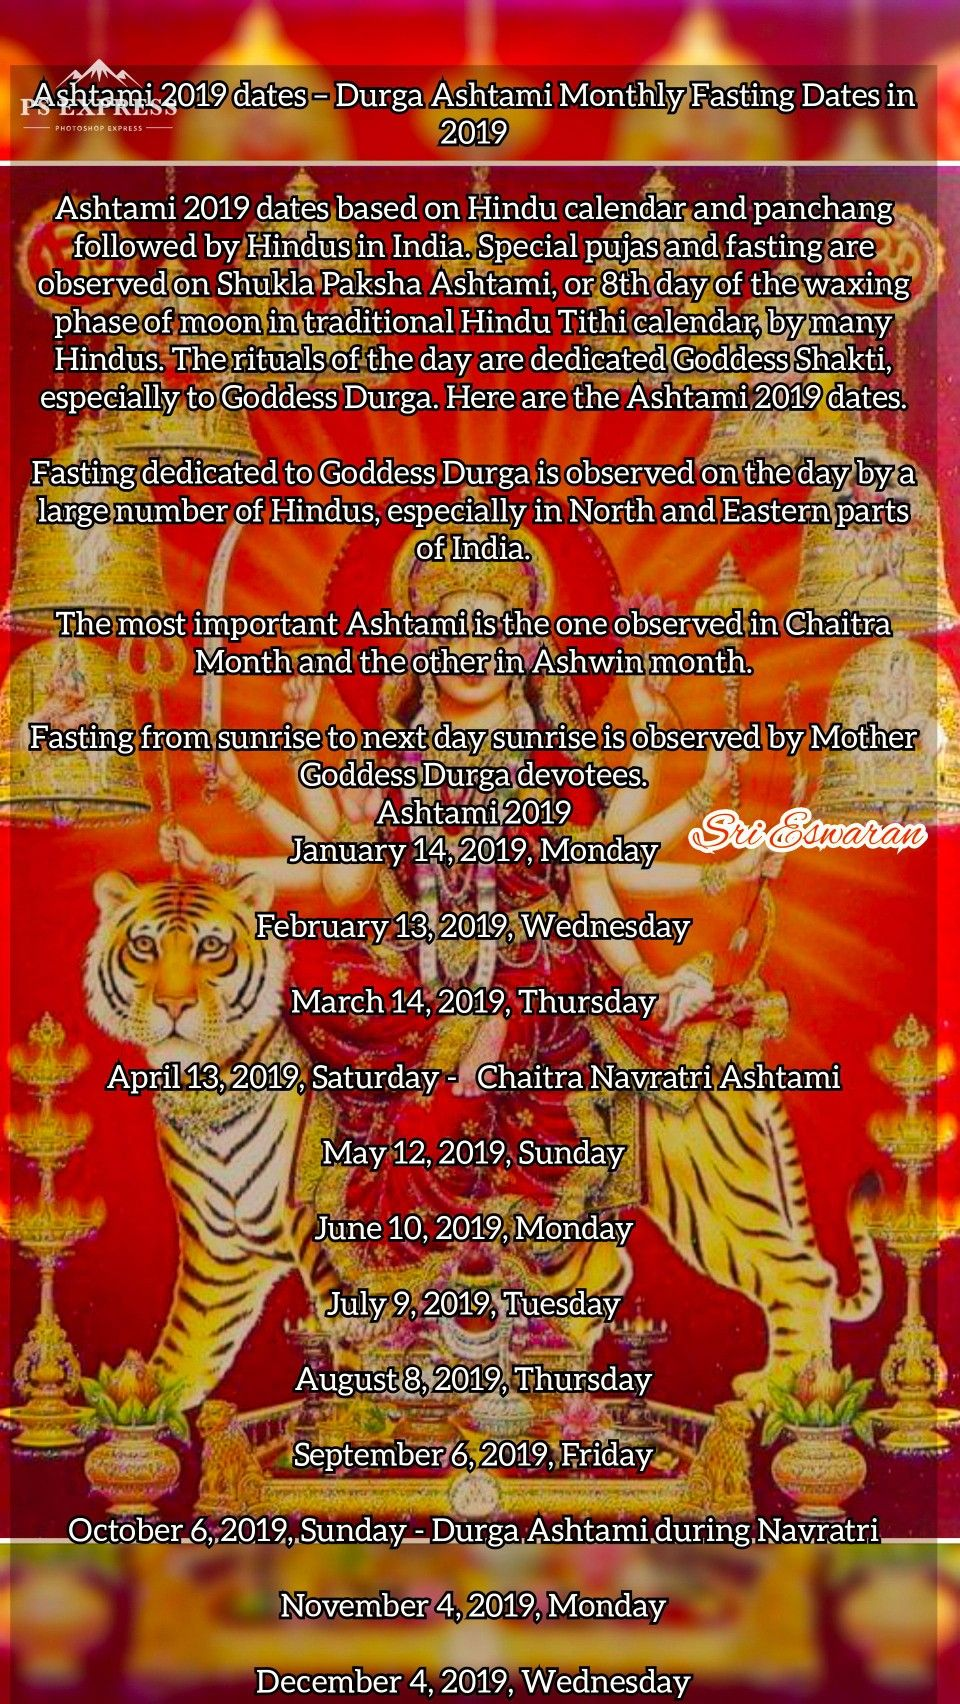 Ashtami 2019 dates – Durga Ashtami Monthly Fasting Dates in 2019